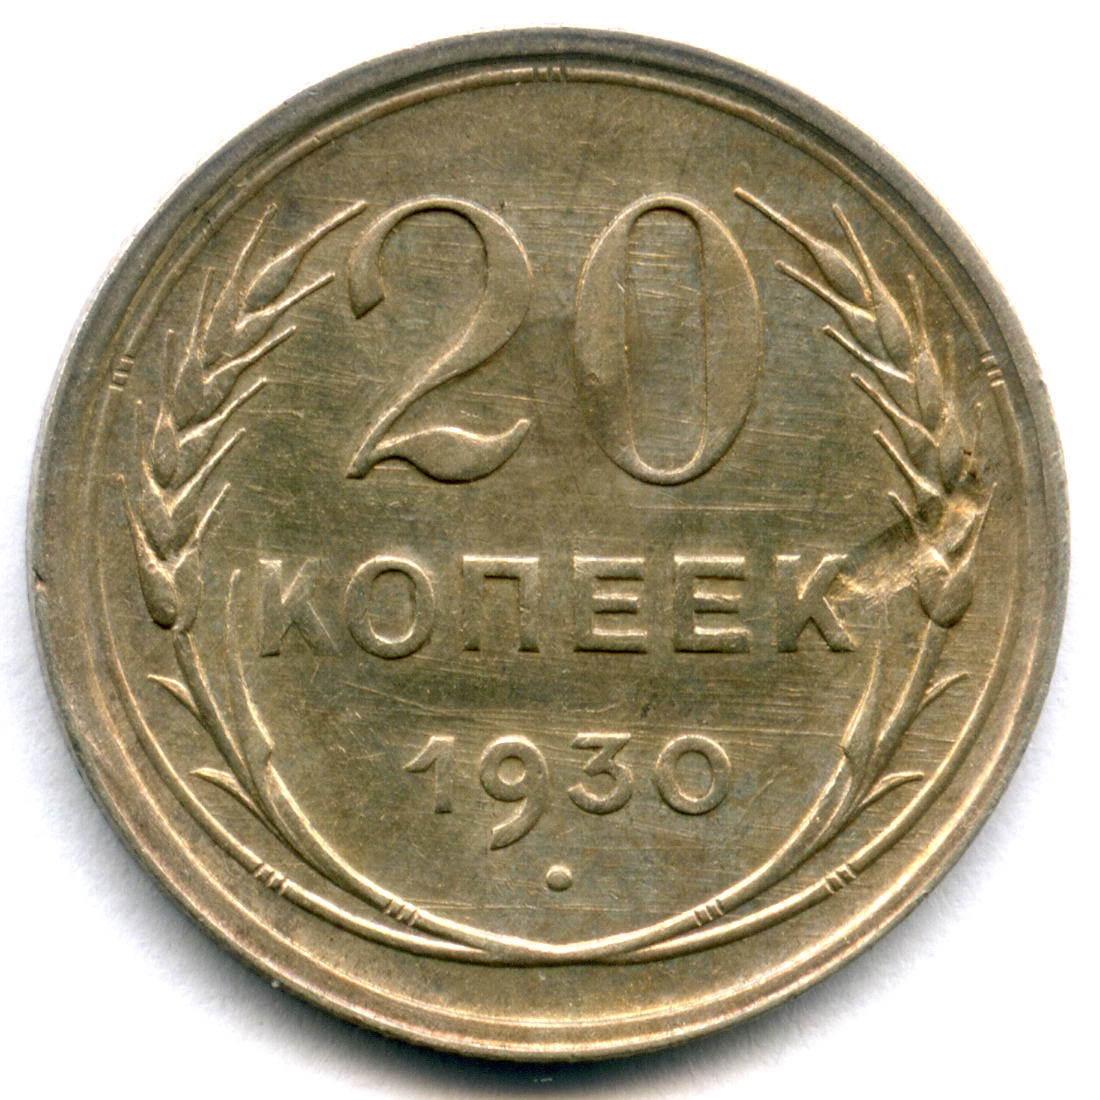 20 копеек 1930 года XF- (засор штемпеля на реверсе)